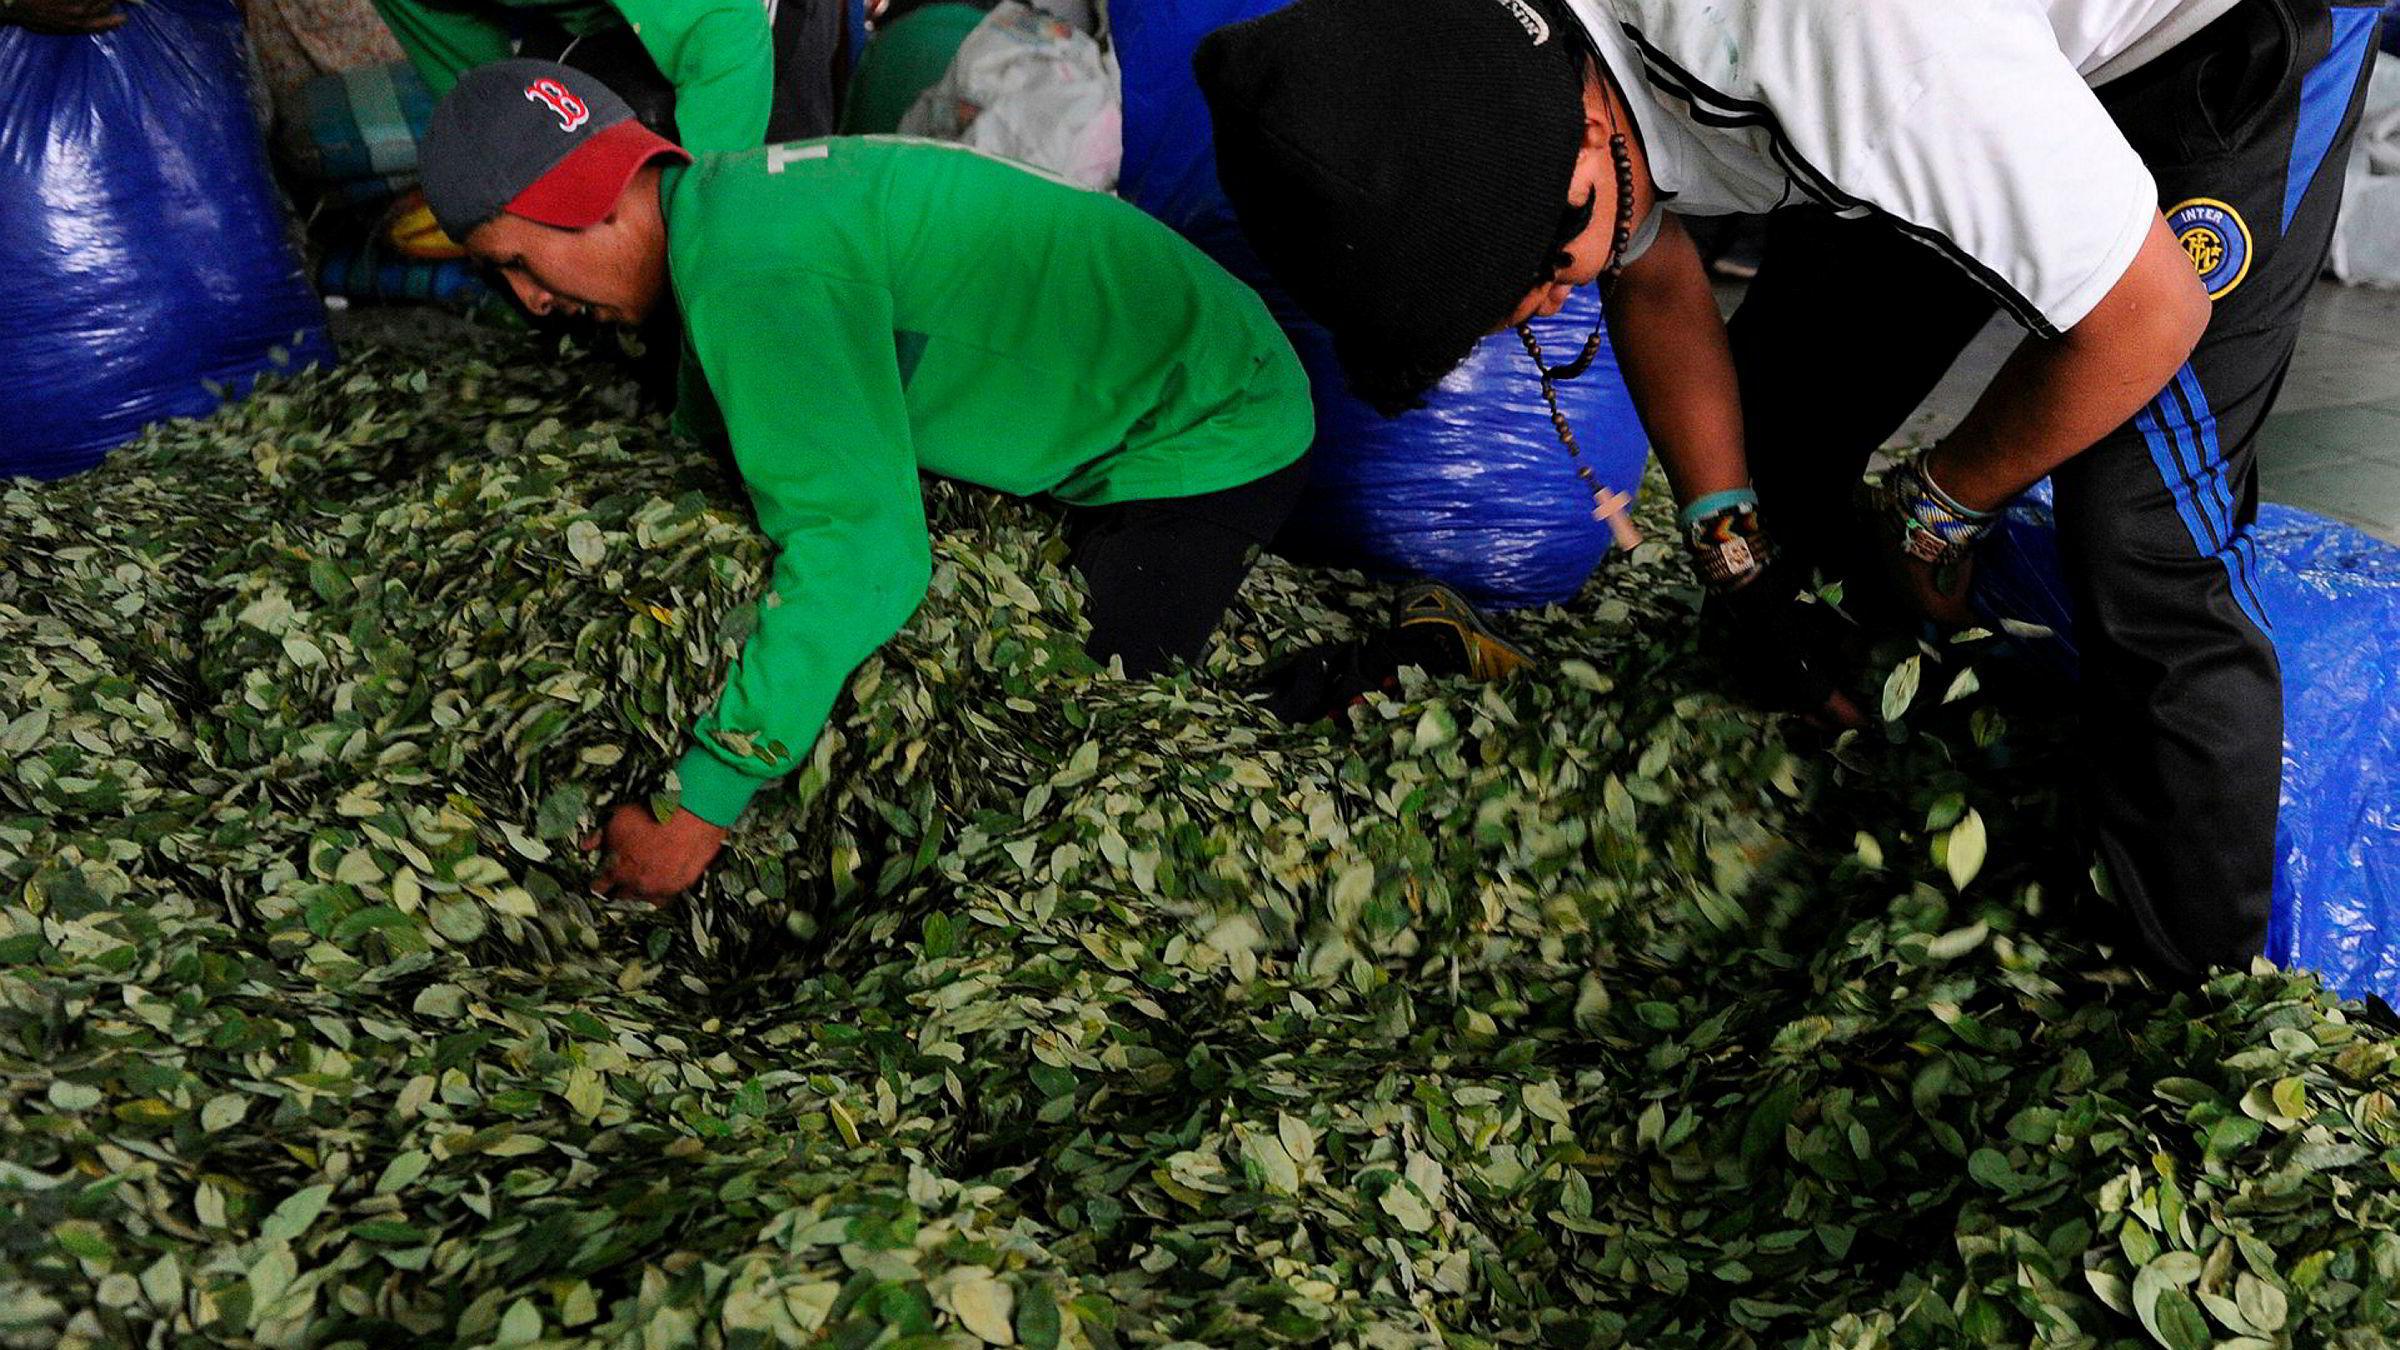 Koka-bønder pakker koka for salg på markedet i La Paz i Bolivia. Ifølge en FN-rapport er Bolivia verdens tredje største produsent av koka etter Colombia og Peru.